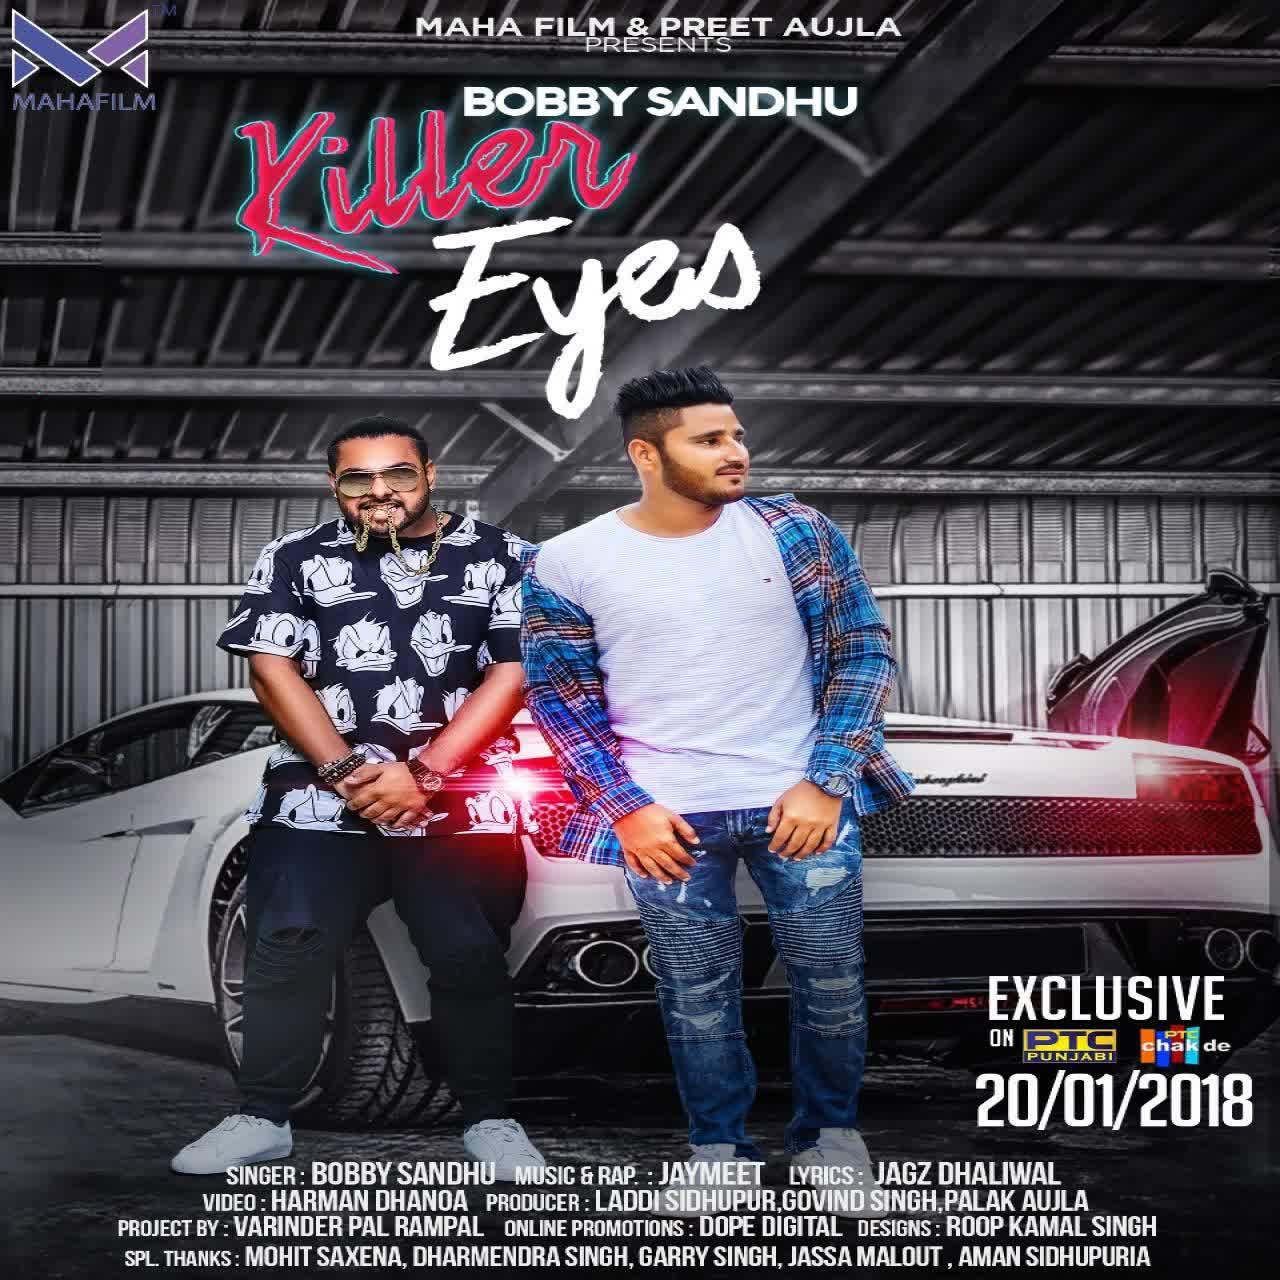 Killer Eyes Bobby Sandhu